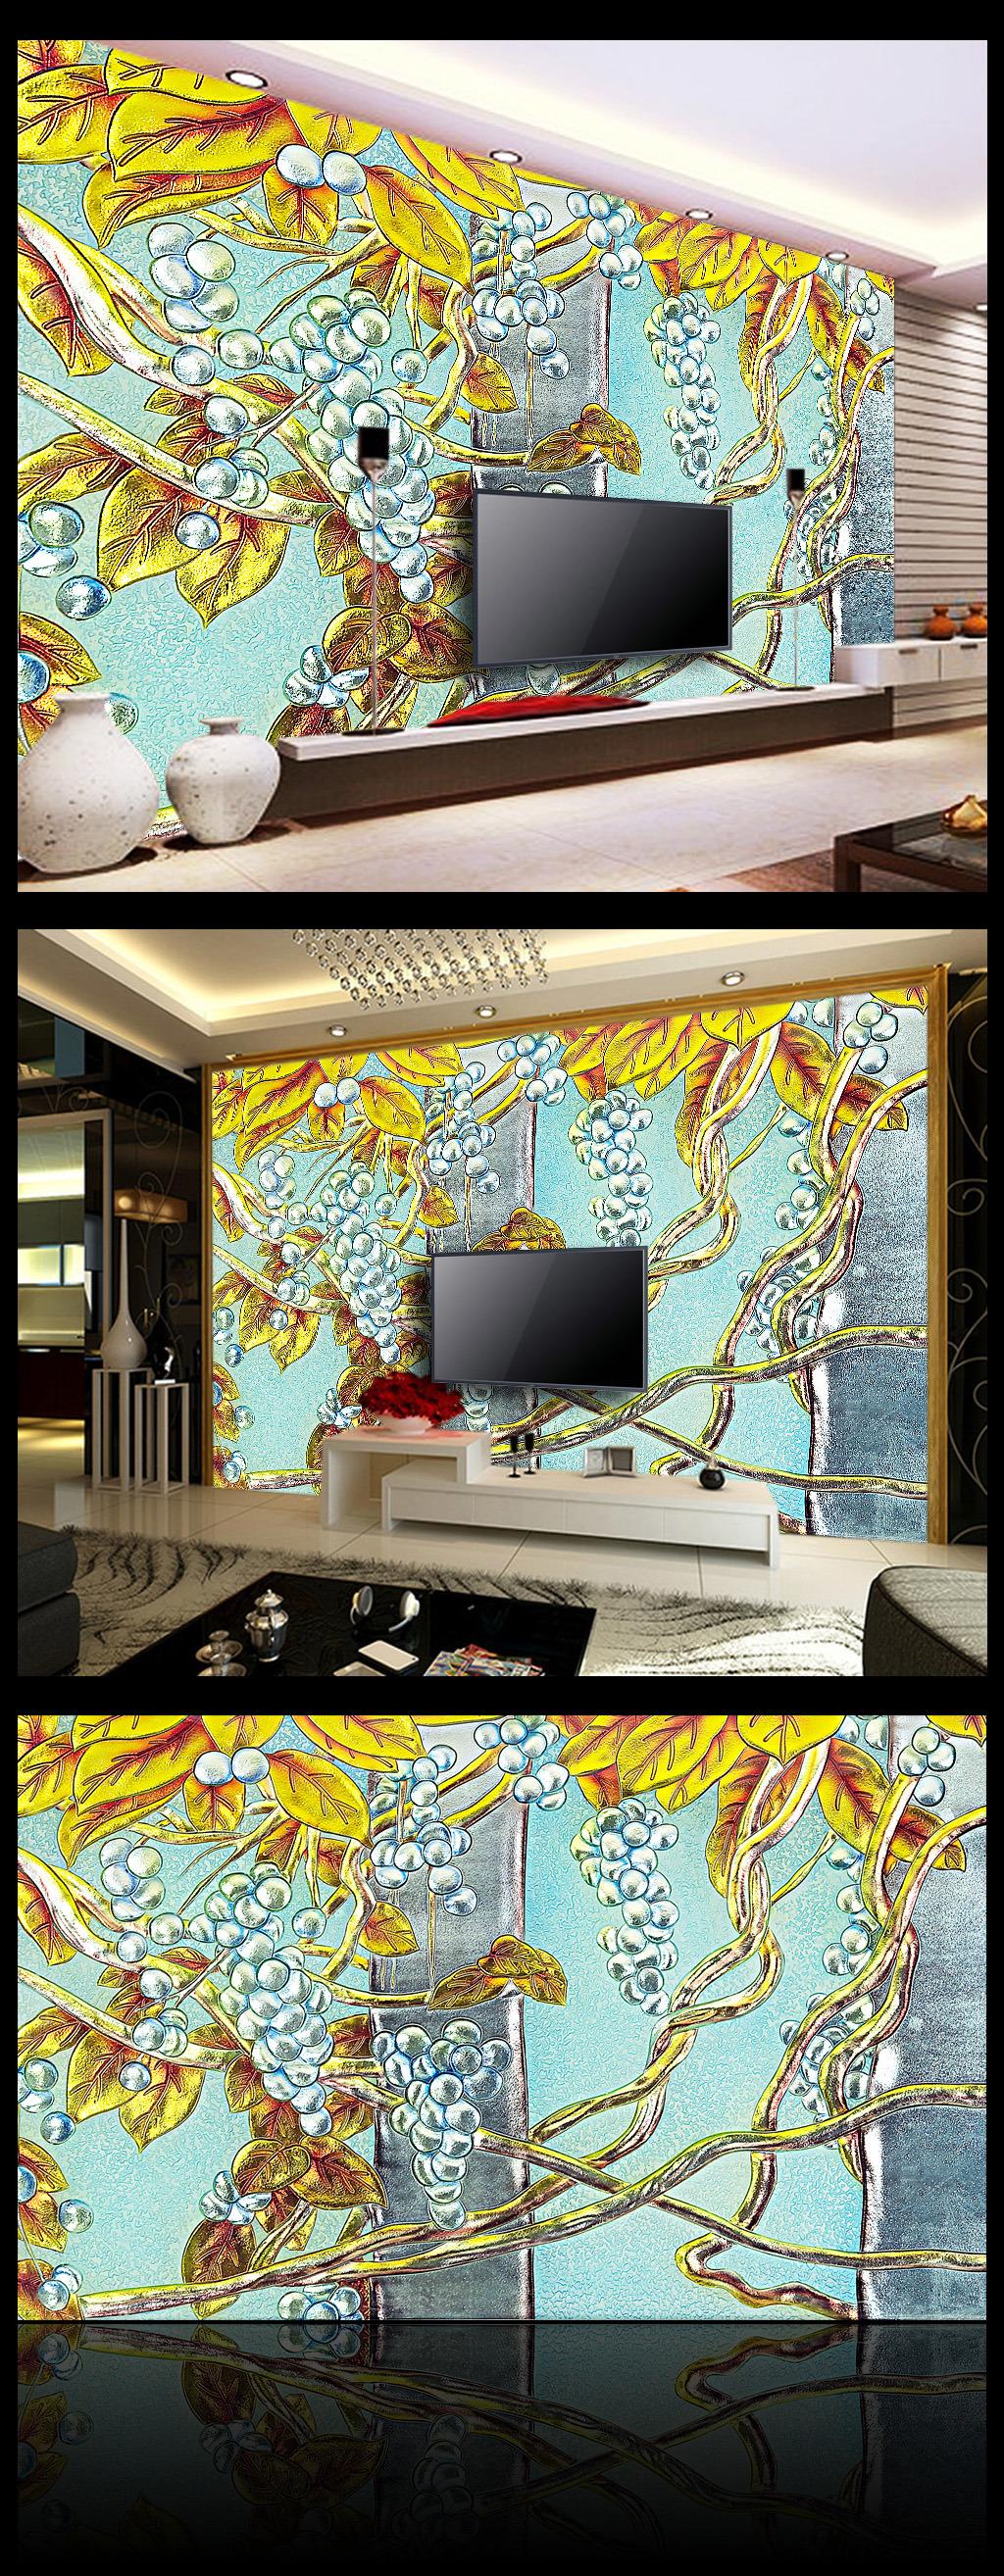 秋天彩雕电视浮雕背景墙效果图模板壁画花纹